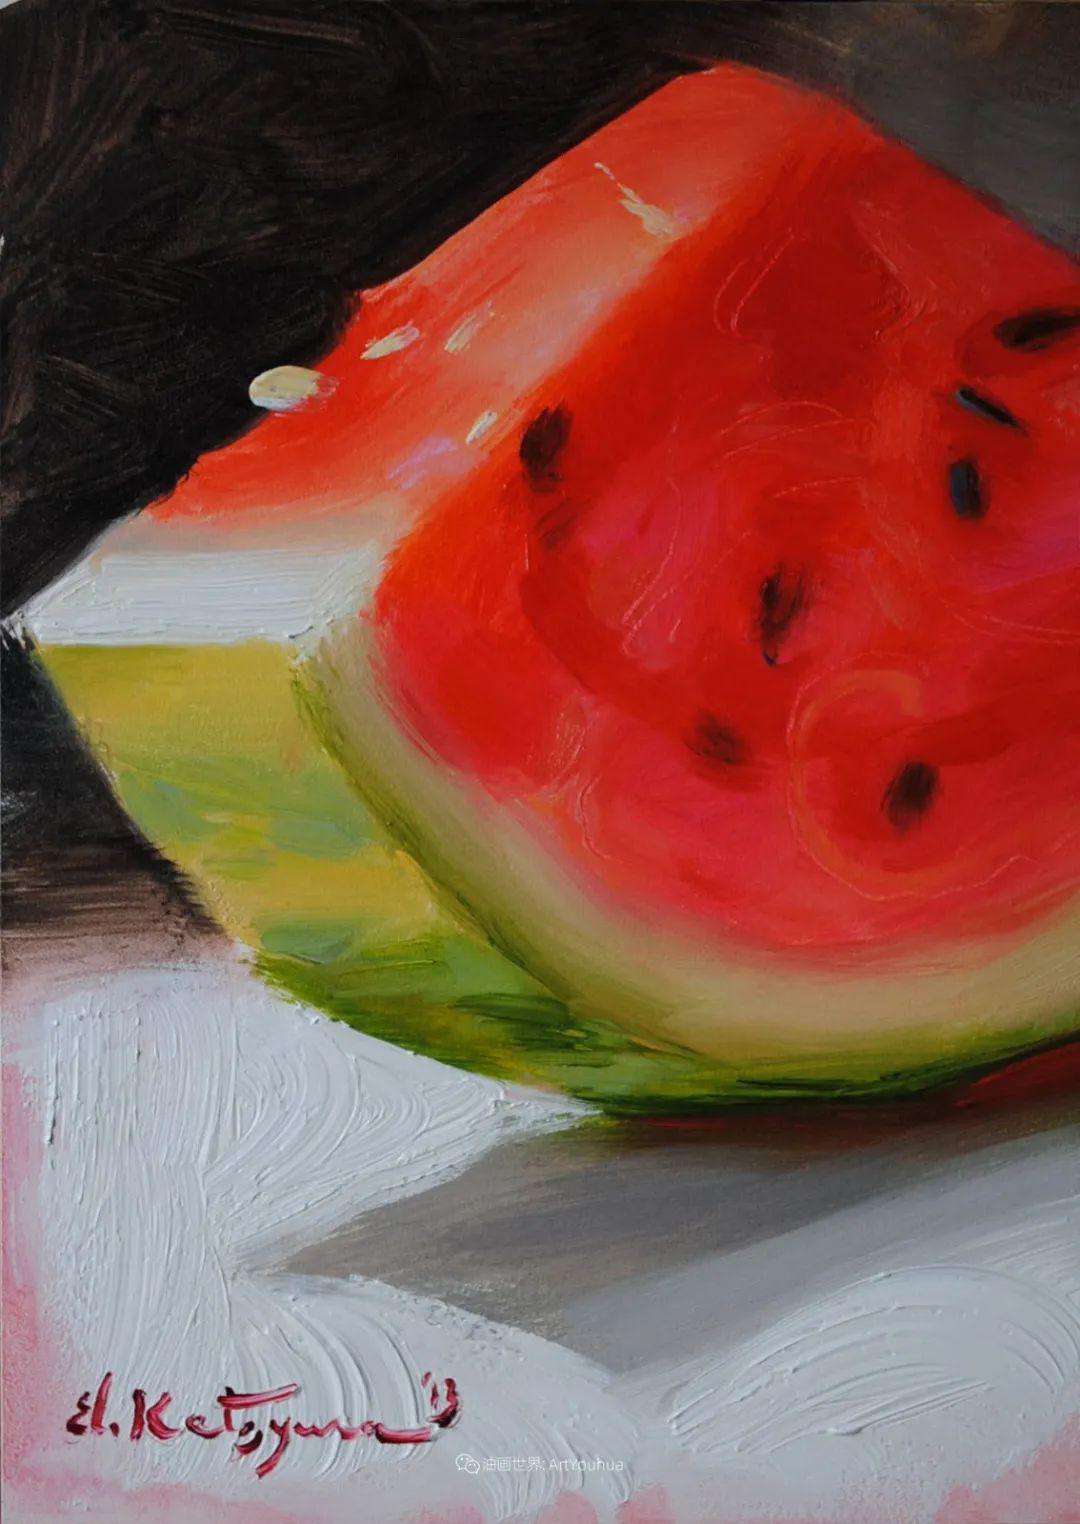 晶莹剔透的水果与茶具,让人眼前一亮!插图45